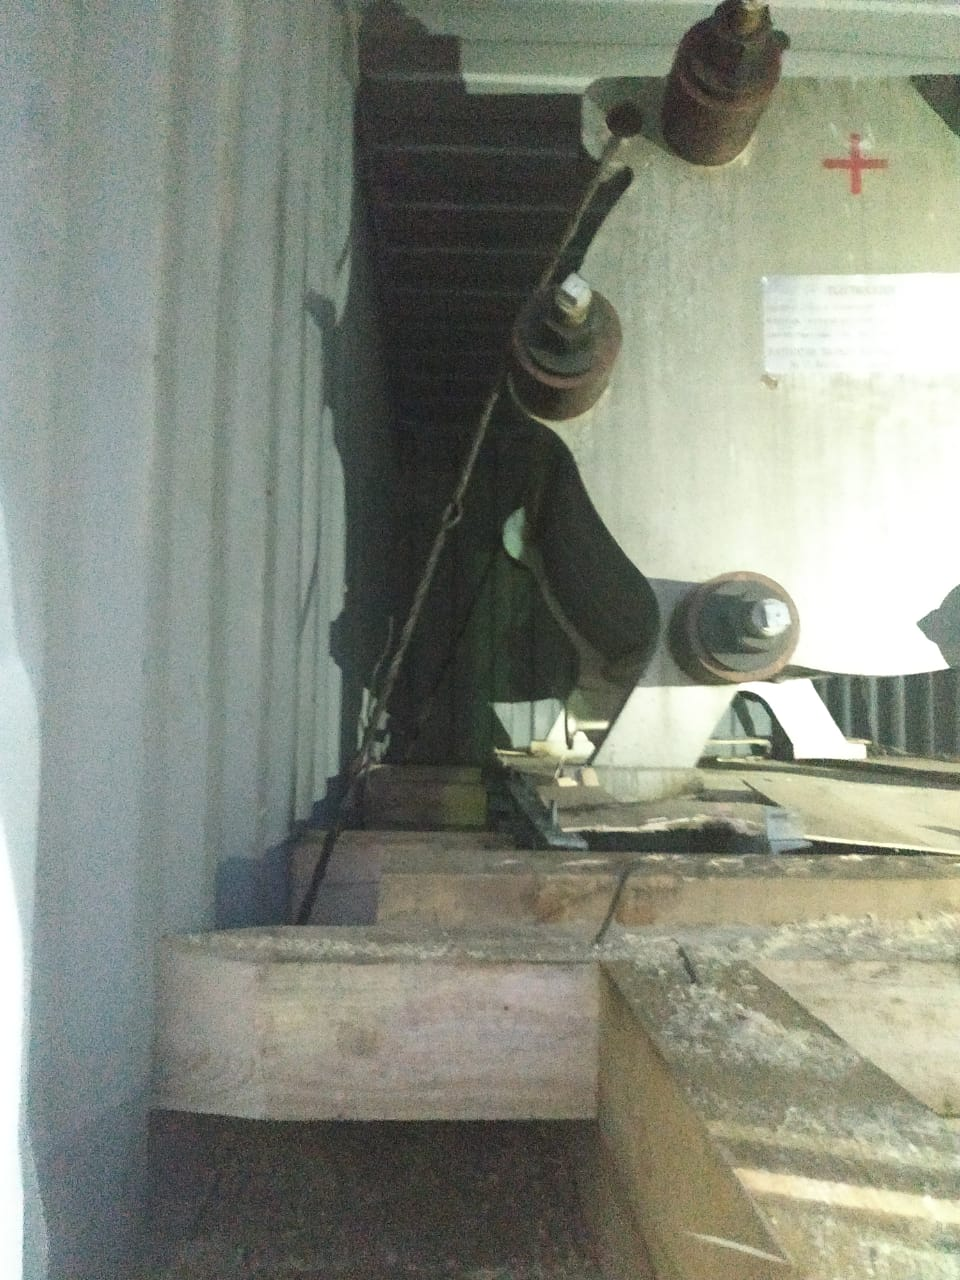 Погрузка станка весом 9000 кг с предварительным согласованием схемы НТУ